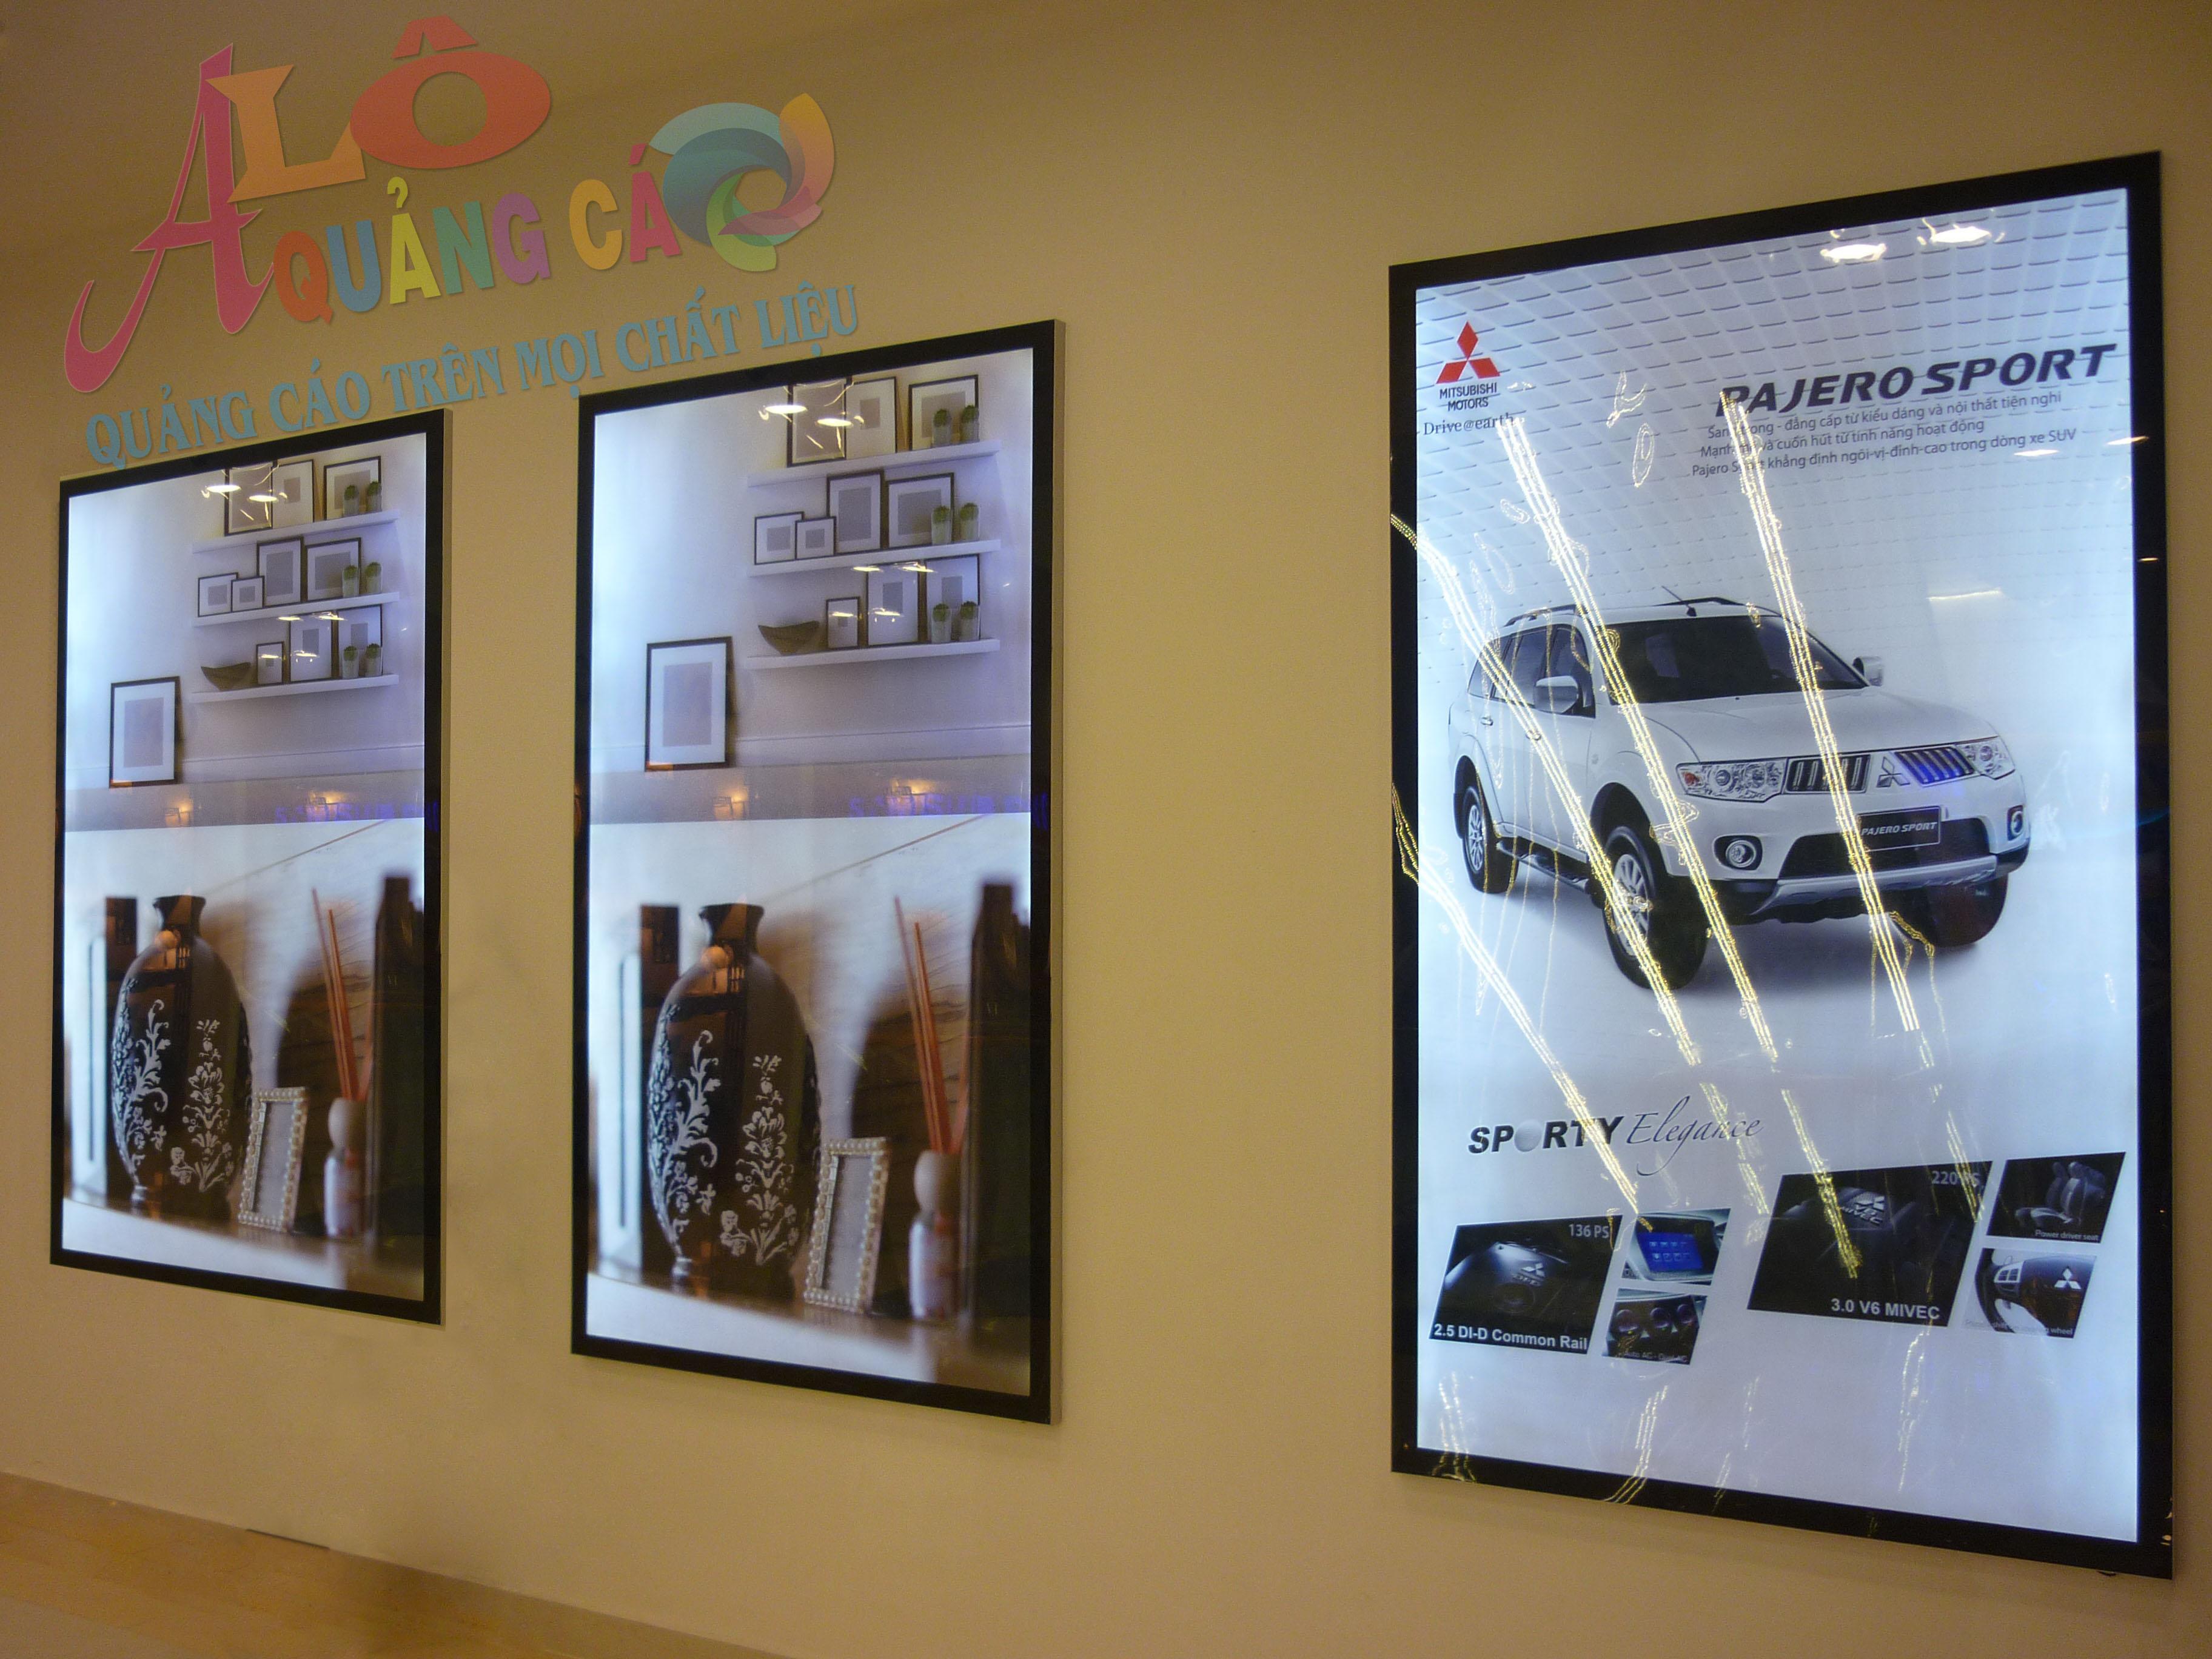 Hộp đèn led siêu mỏng thi công tại văn phòng, siêu thị, trung tâm thương mại